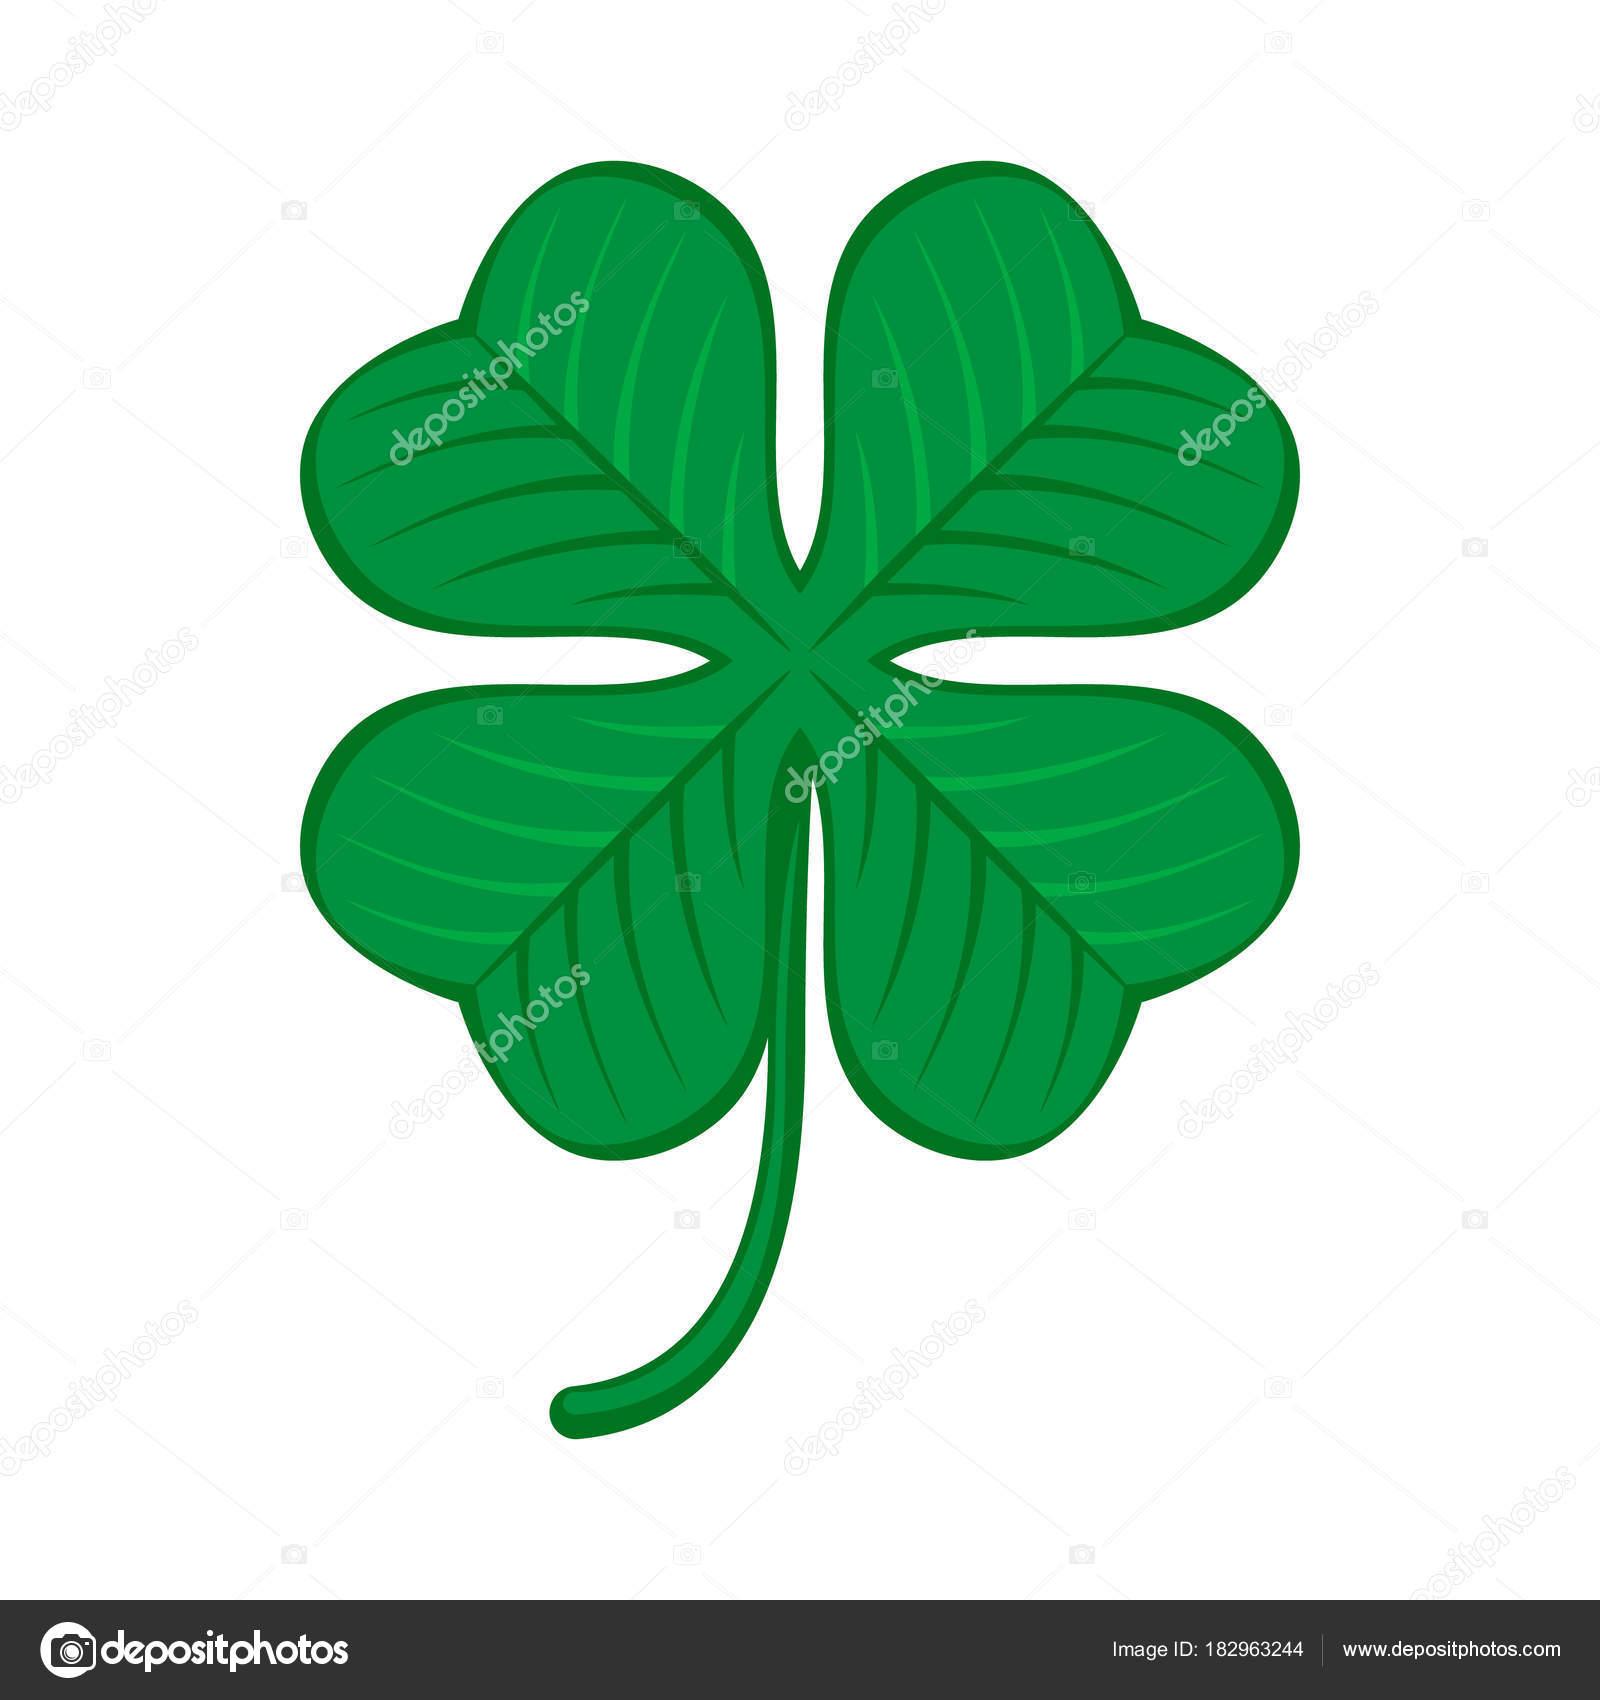 Green shamrock clover icon irish symbol of luck stock vector green shamrock clover icon irish symbol of luck stock vector biocorpaavc Gallery